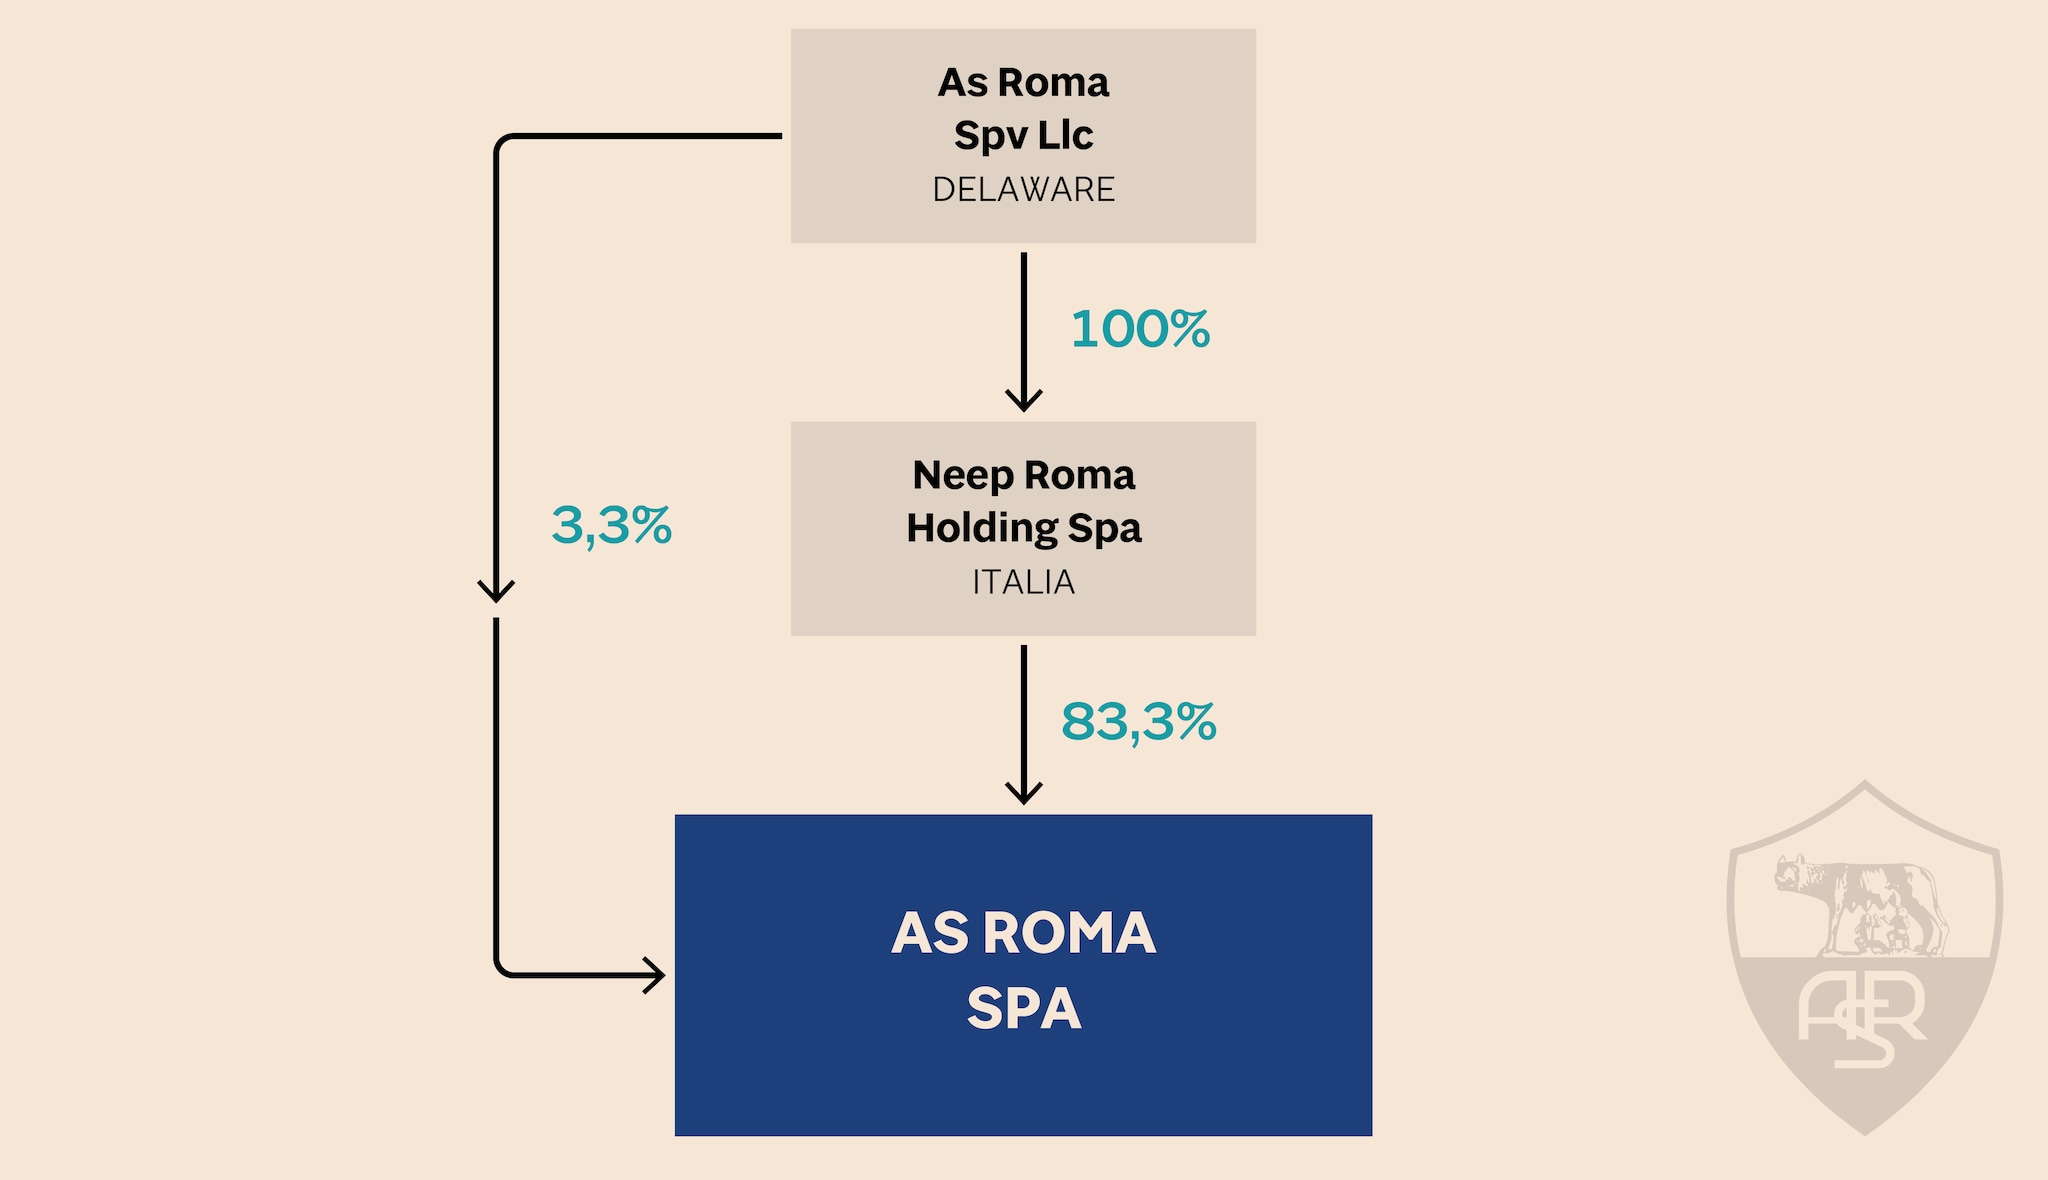 IL DELAWARE ALLA GUIDA DELLA ROMA